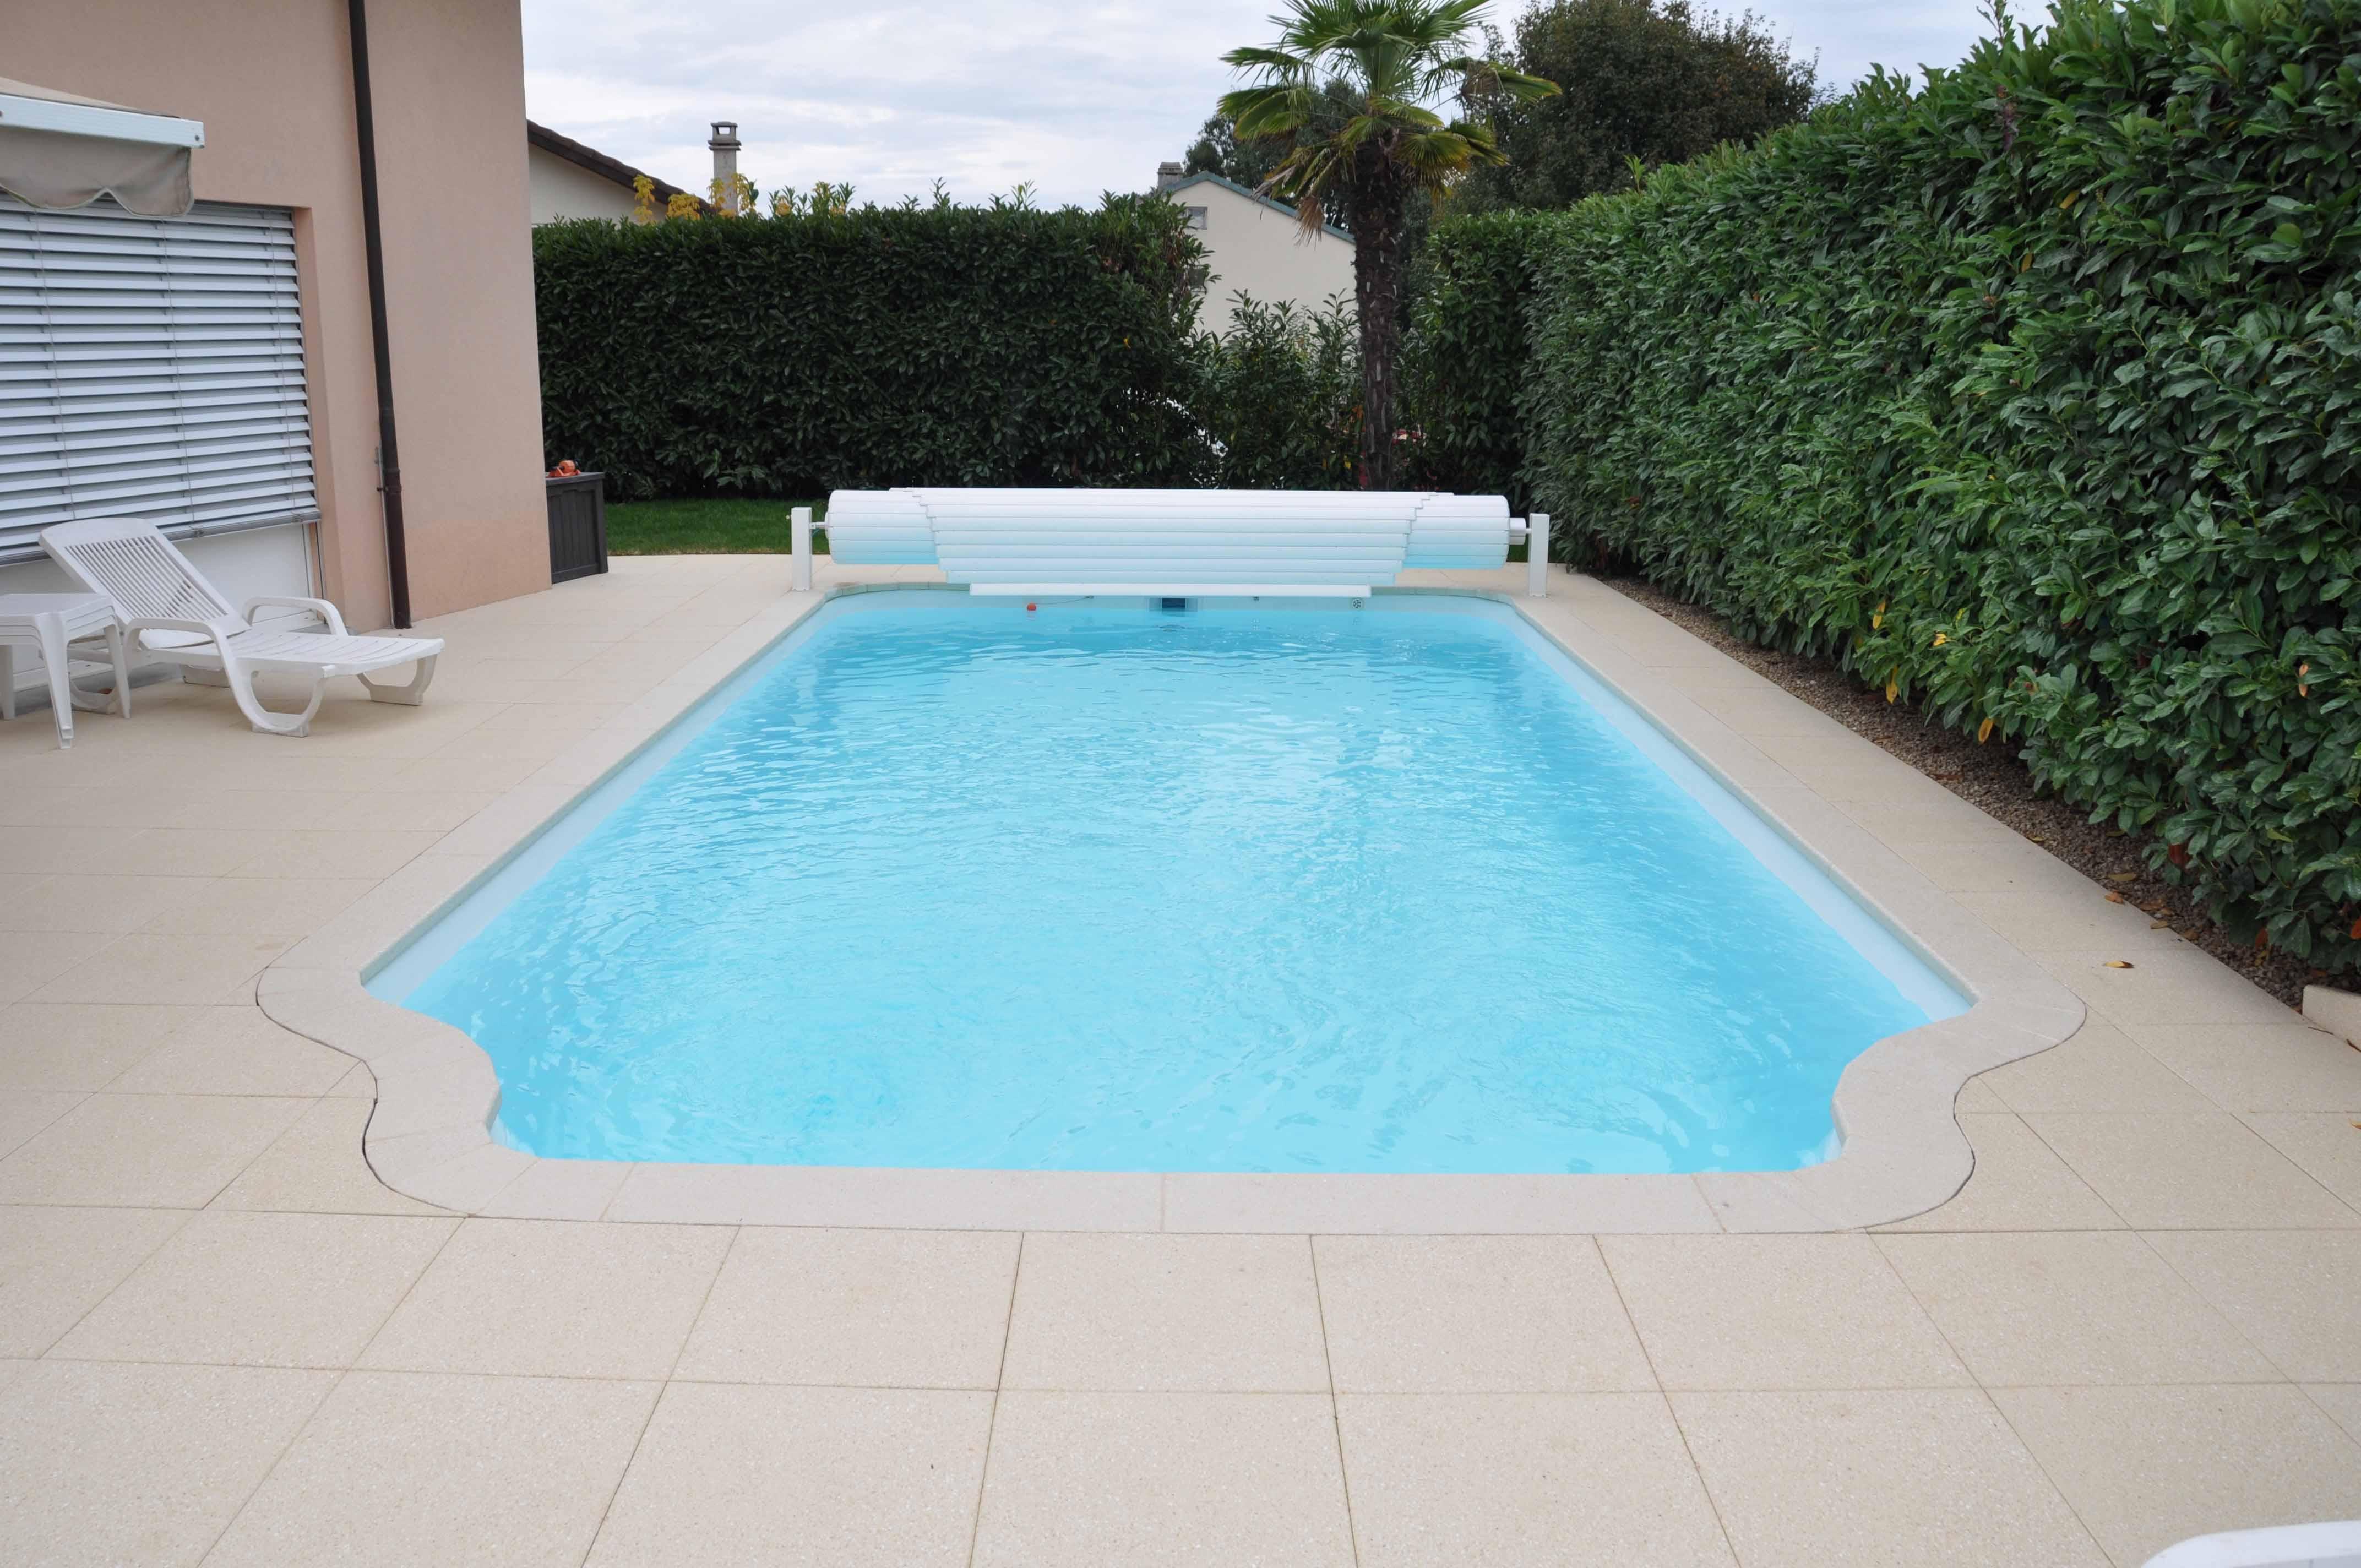 Piscine coque en polyester piscines bertrand for Polyester piscine